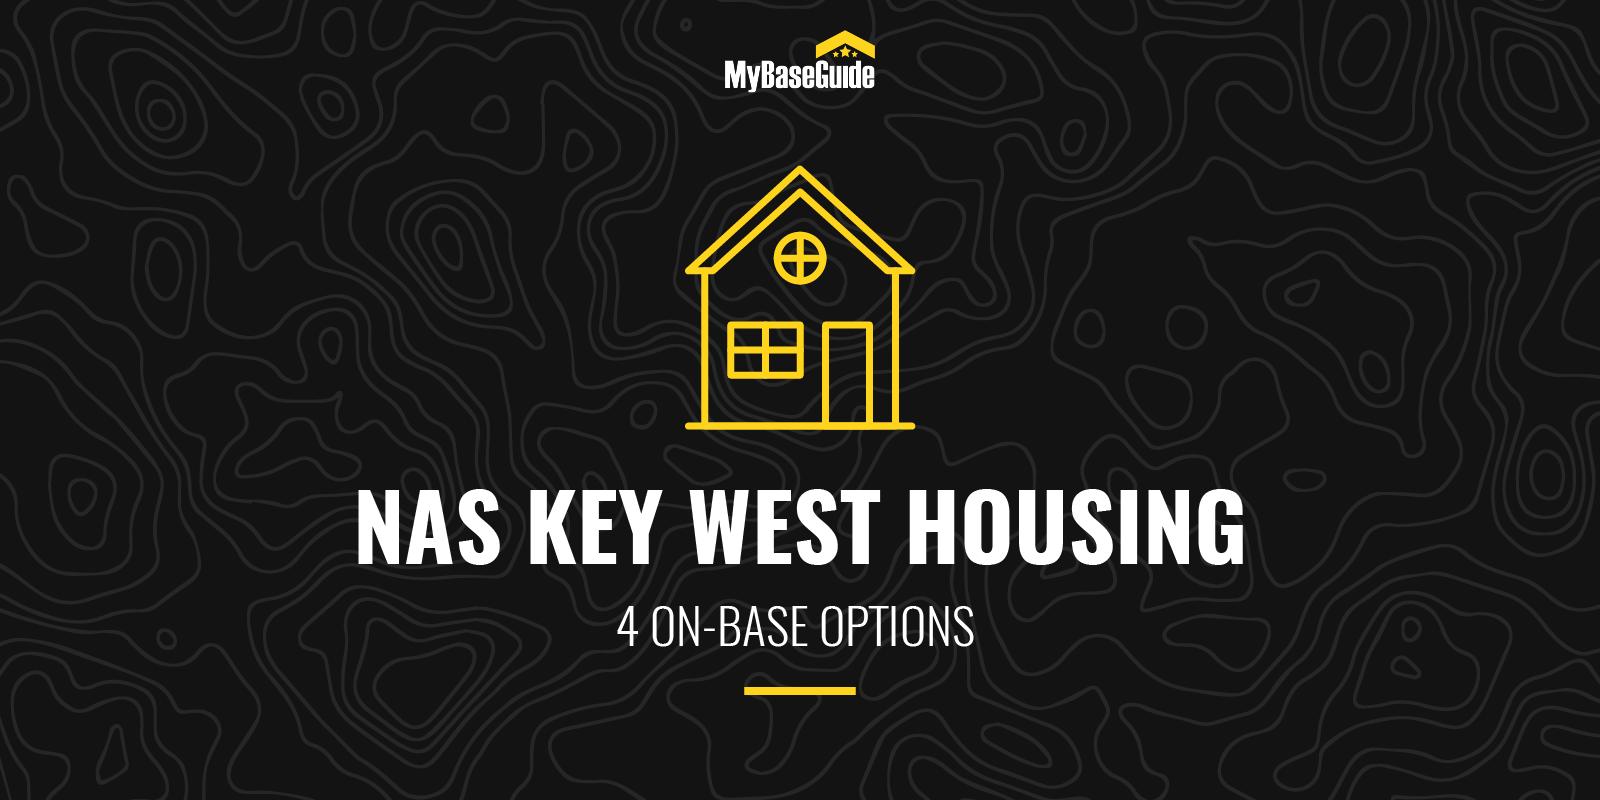 NAS Key West Housing: 4 On-Base Options